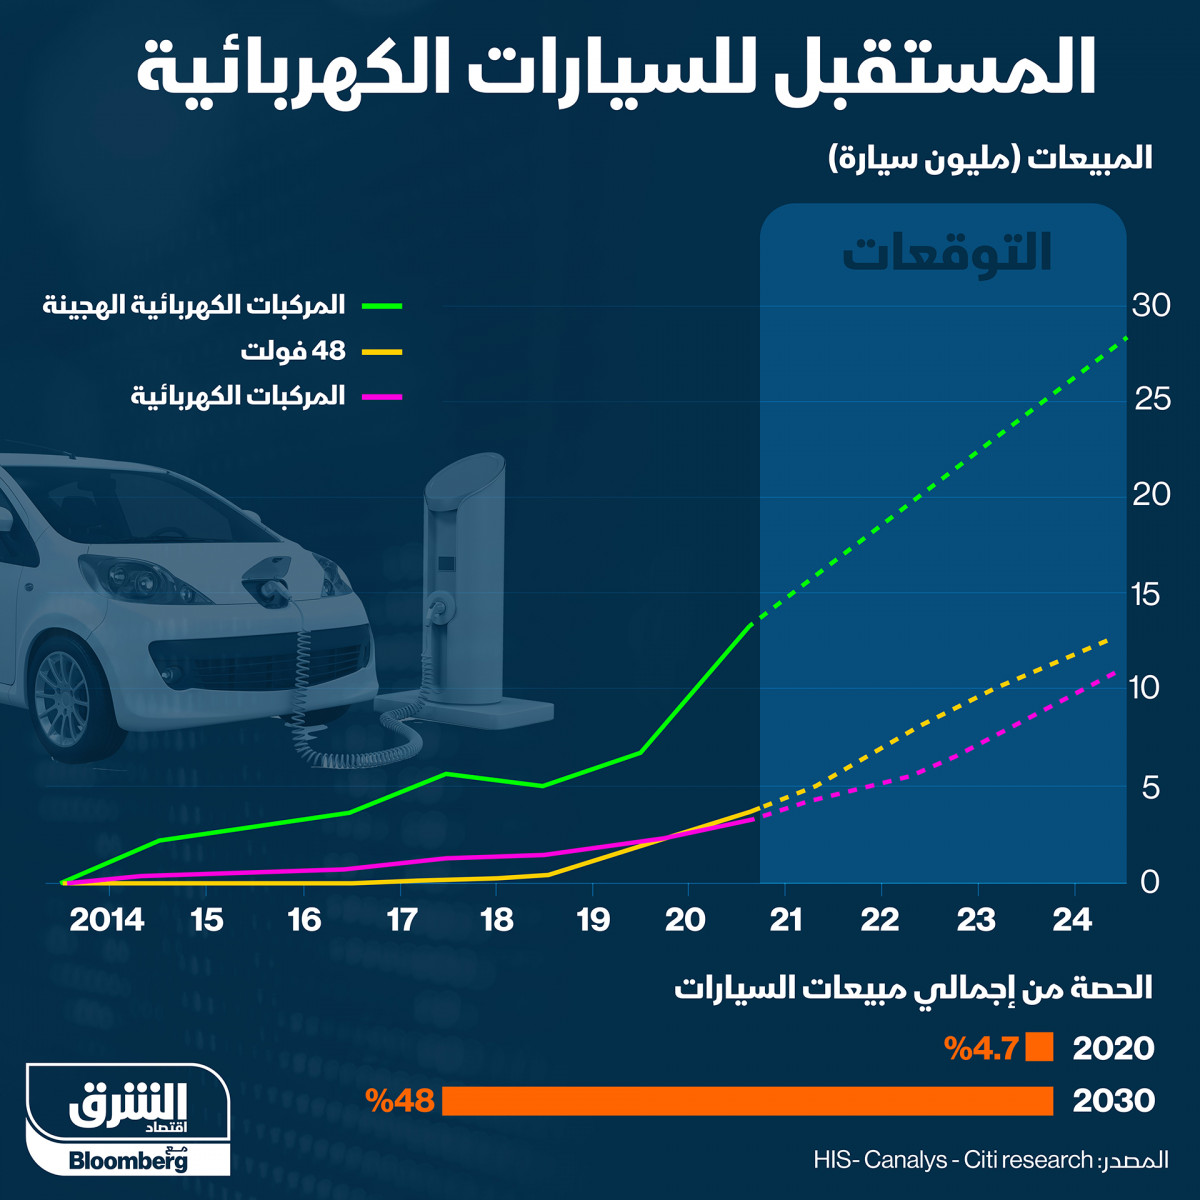 المستقبل للسيارات الكهربائية